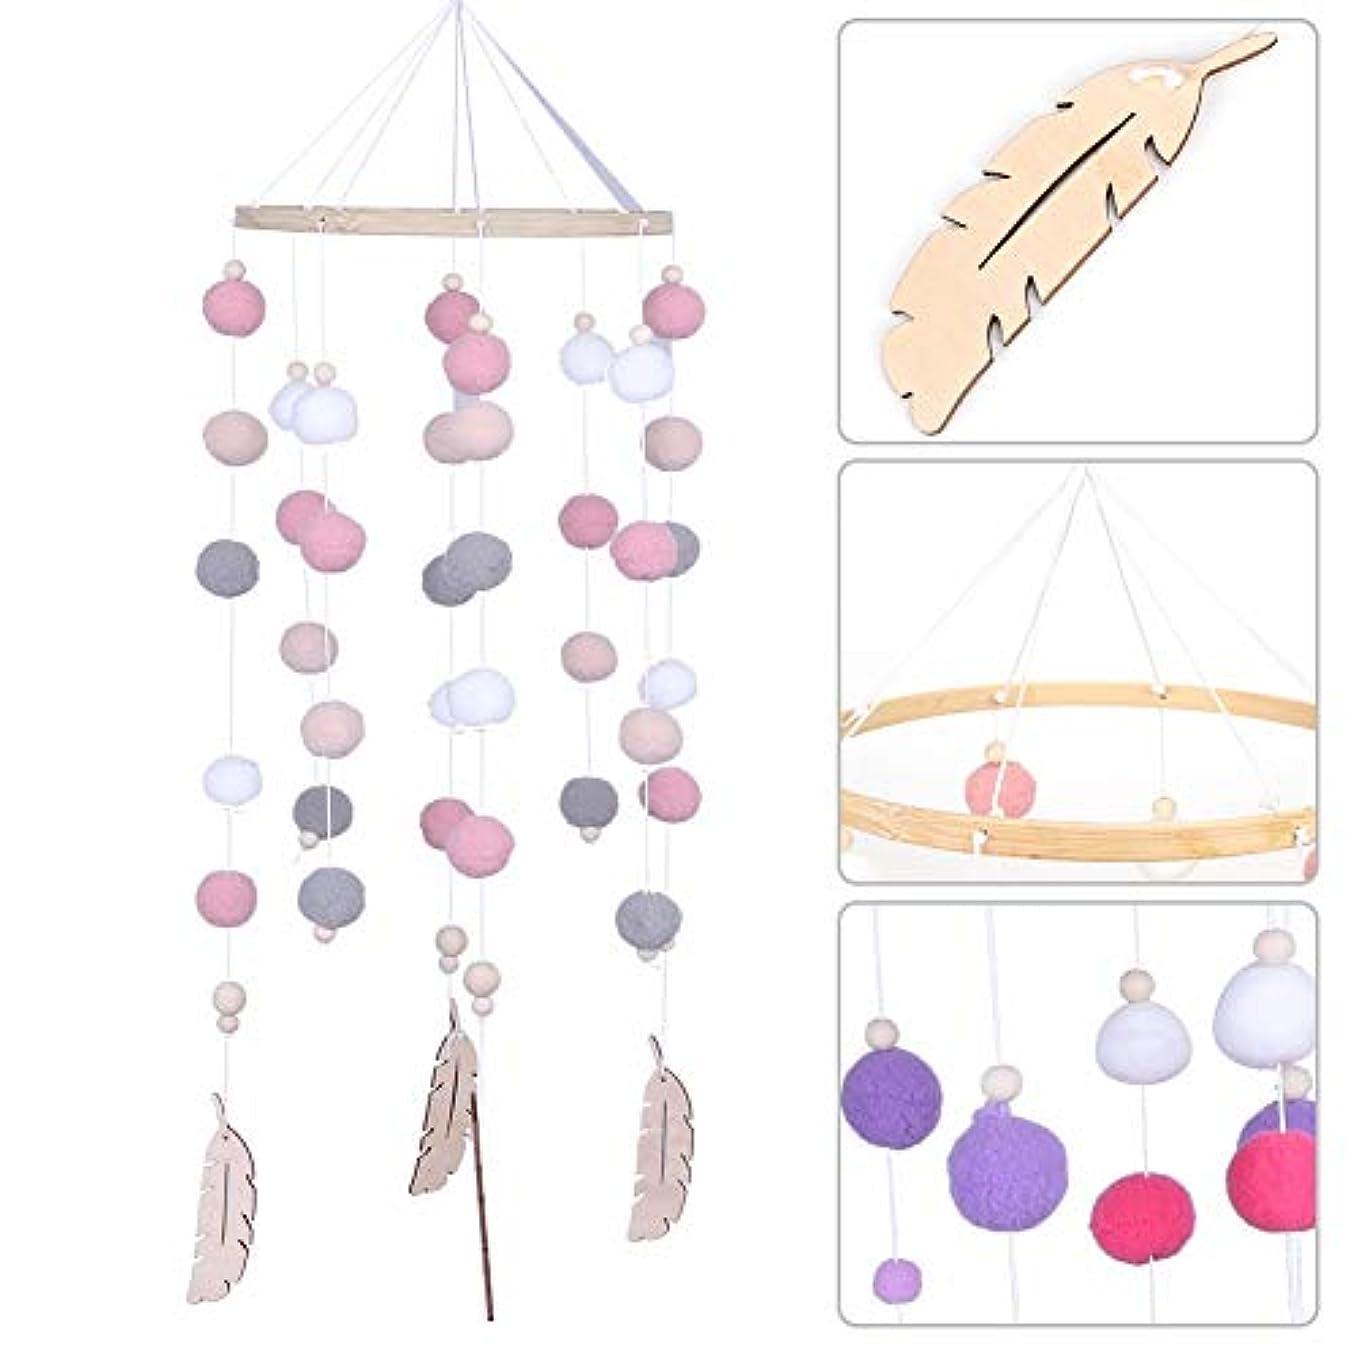 損傷トレッド歌詞非有毒な竹の鐘の風鈴、風鈴、教会の壁掛け装飾用ベビーベッドの装飾(Circle wind chimes-pink and white)